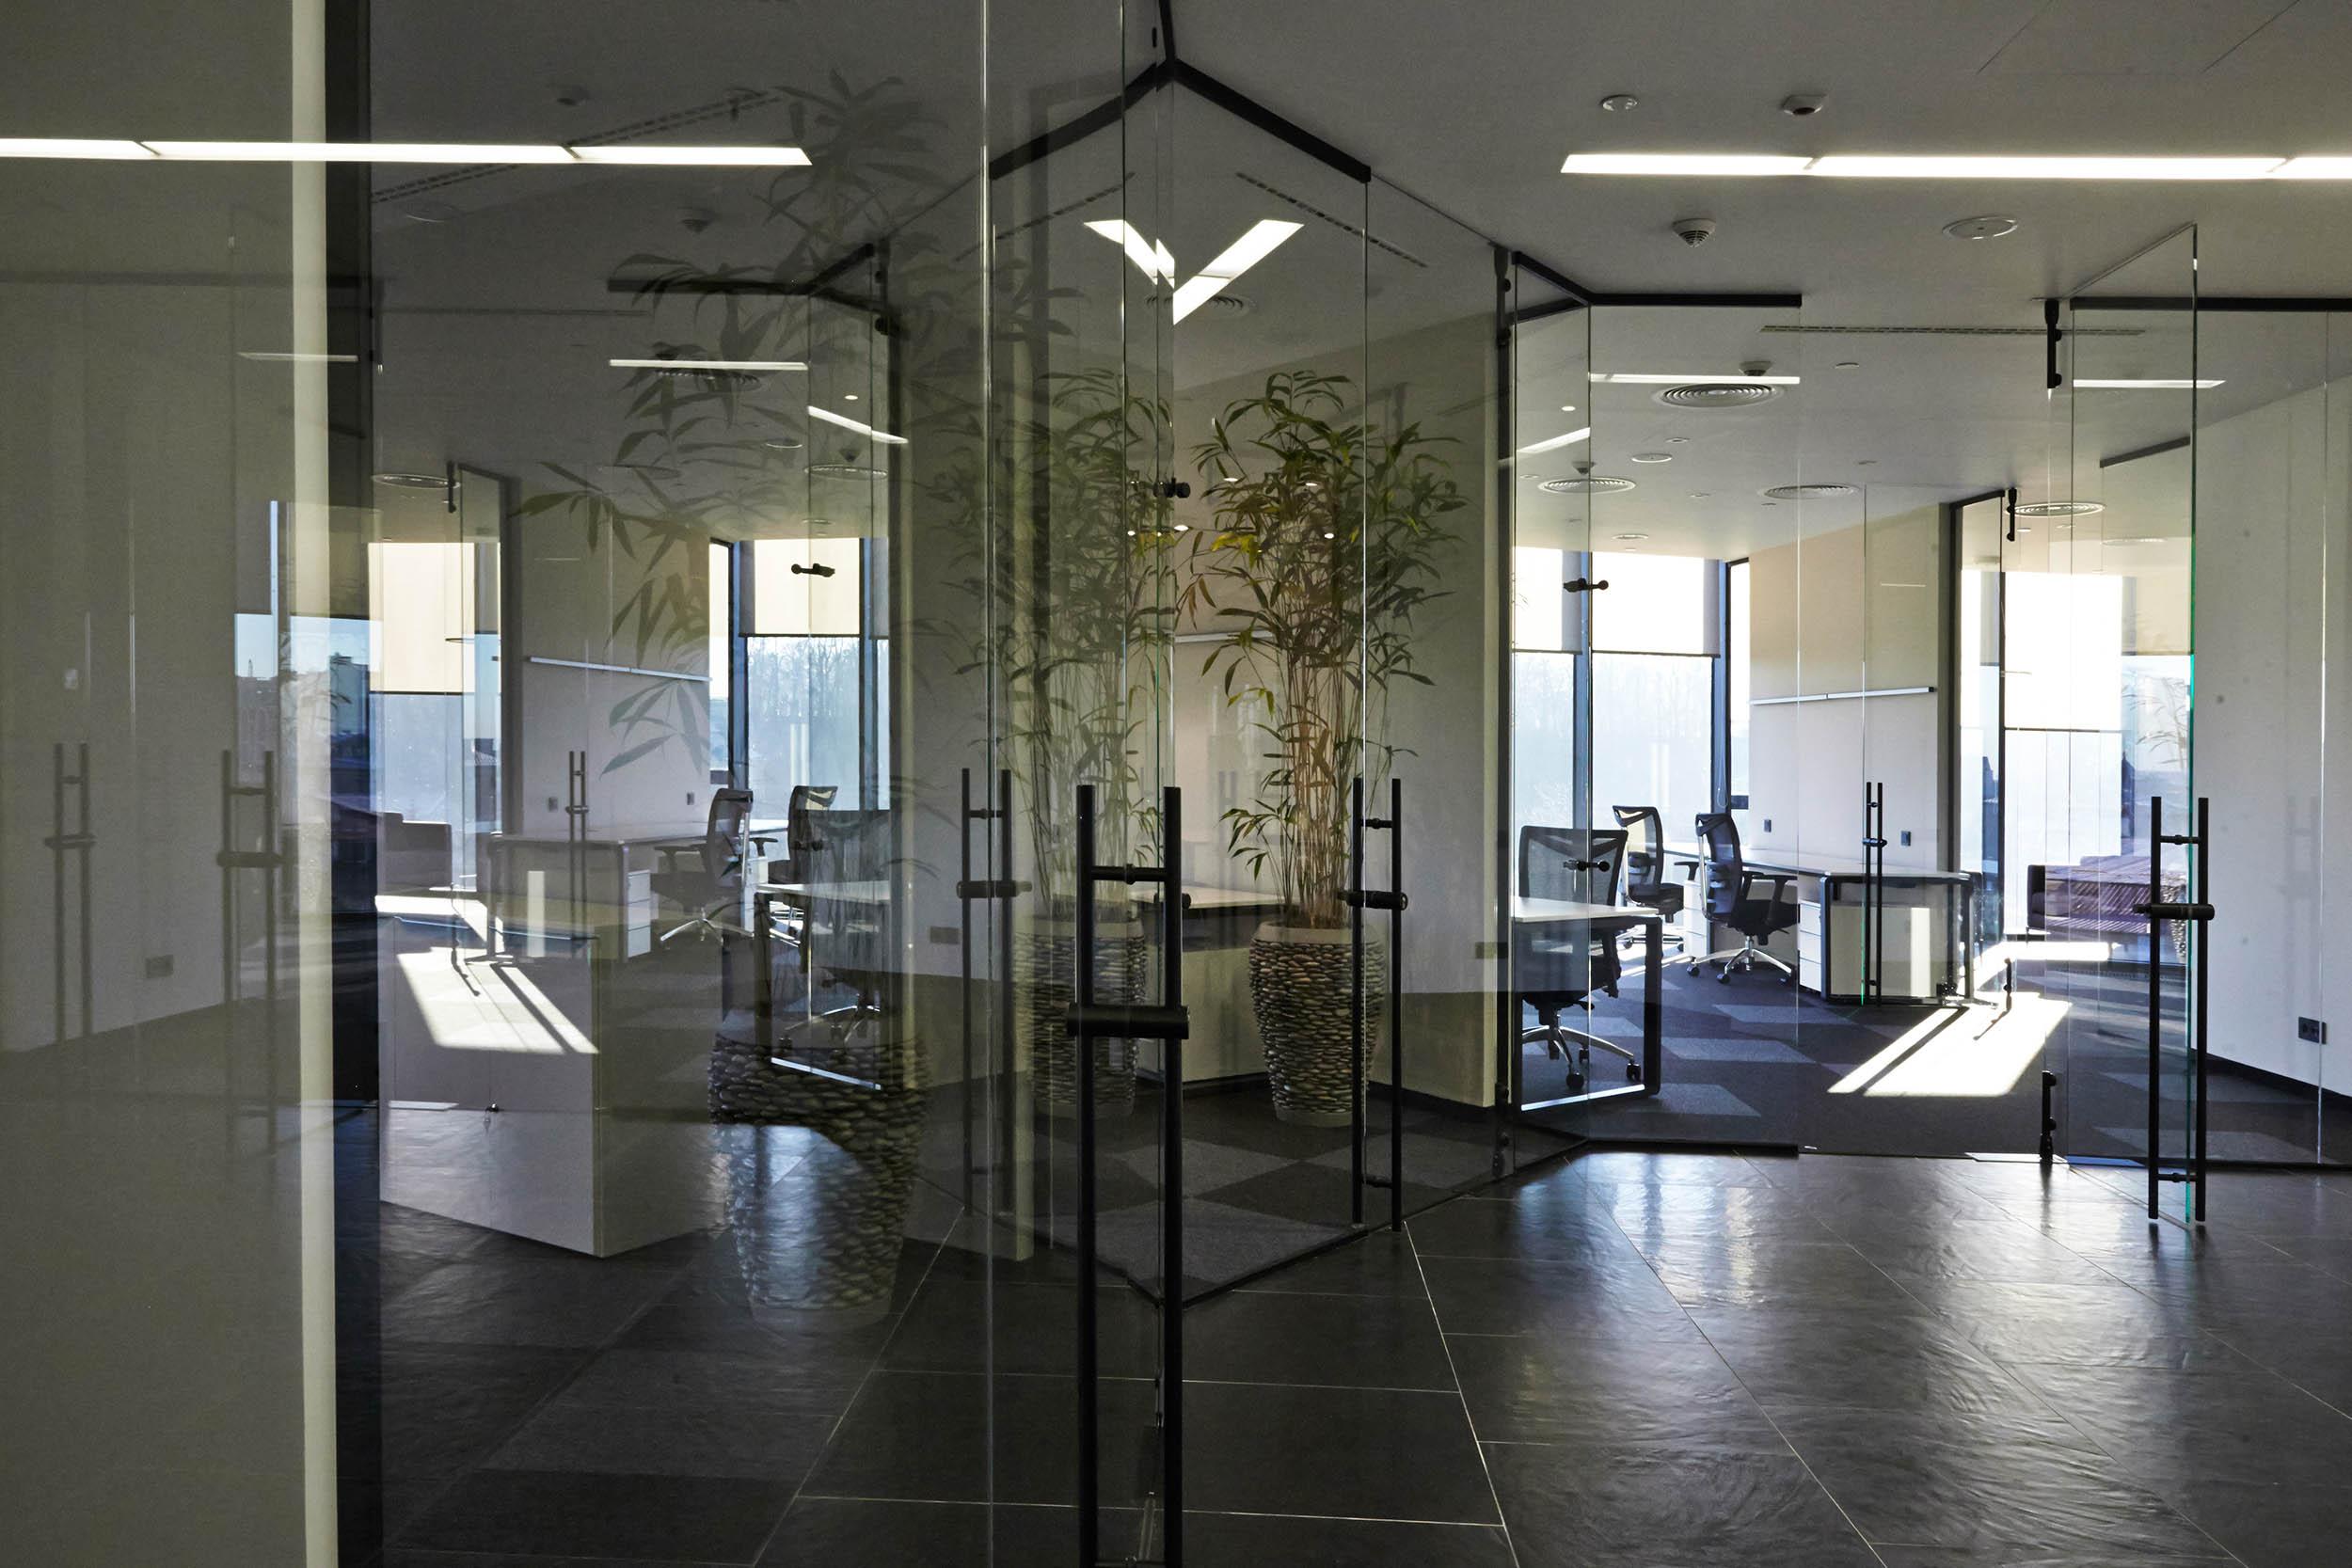 Interior in the business center iq for The interior company